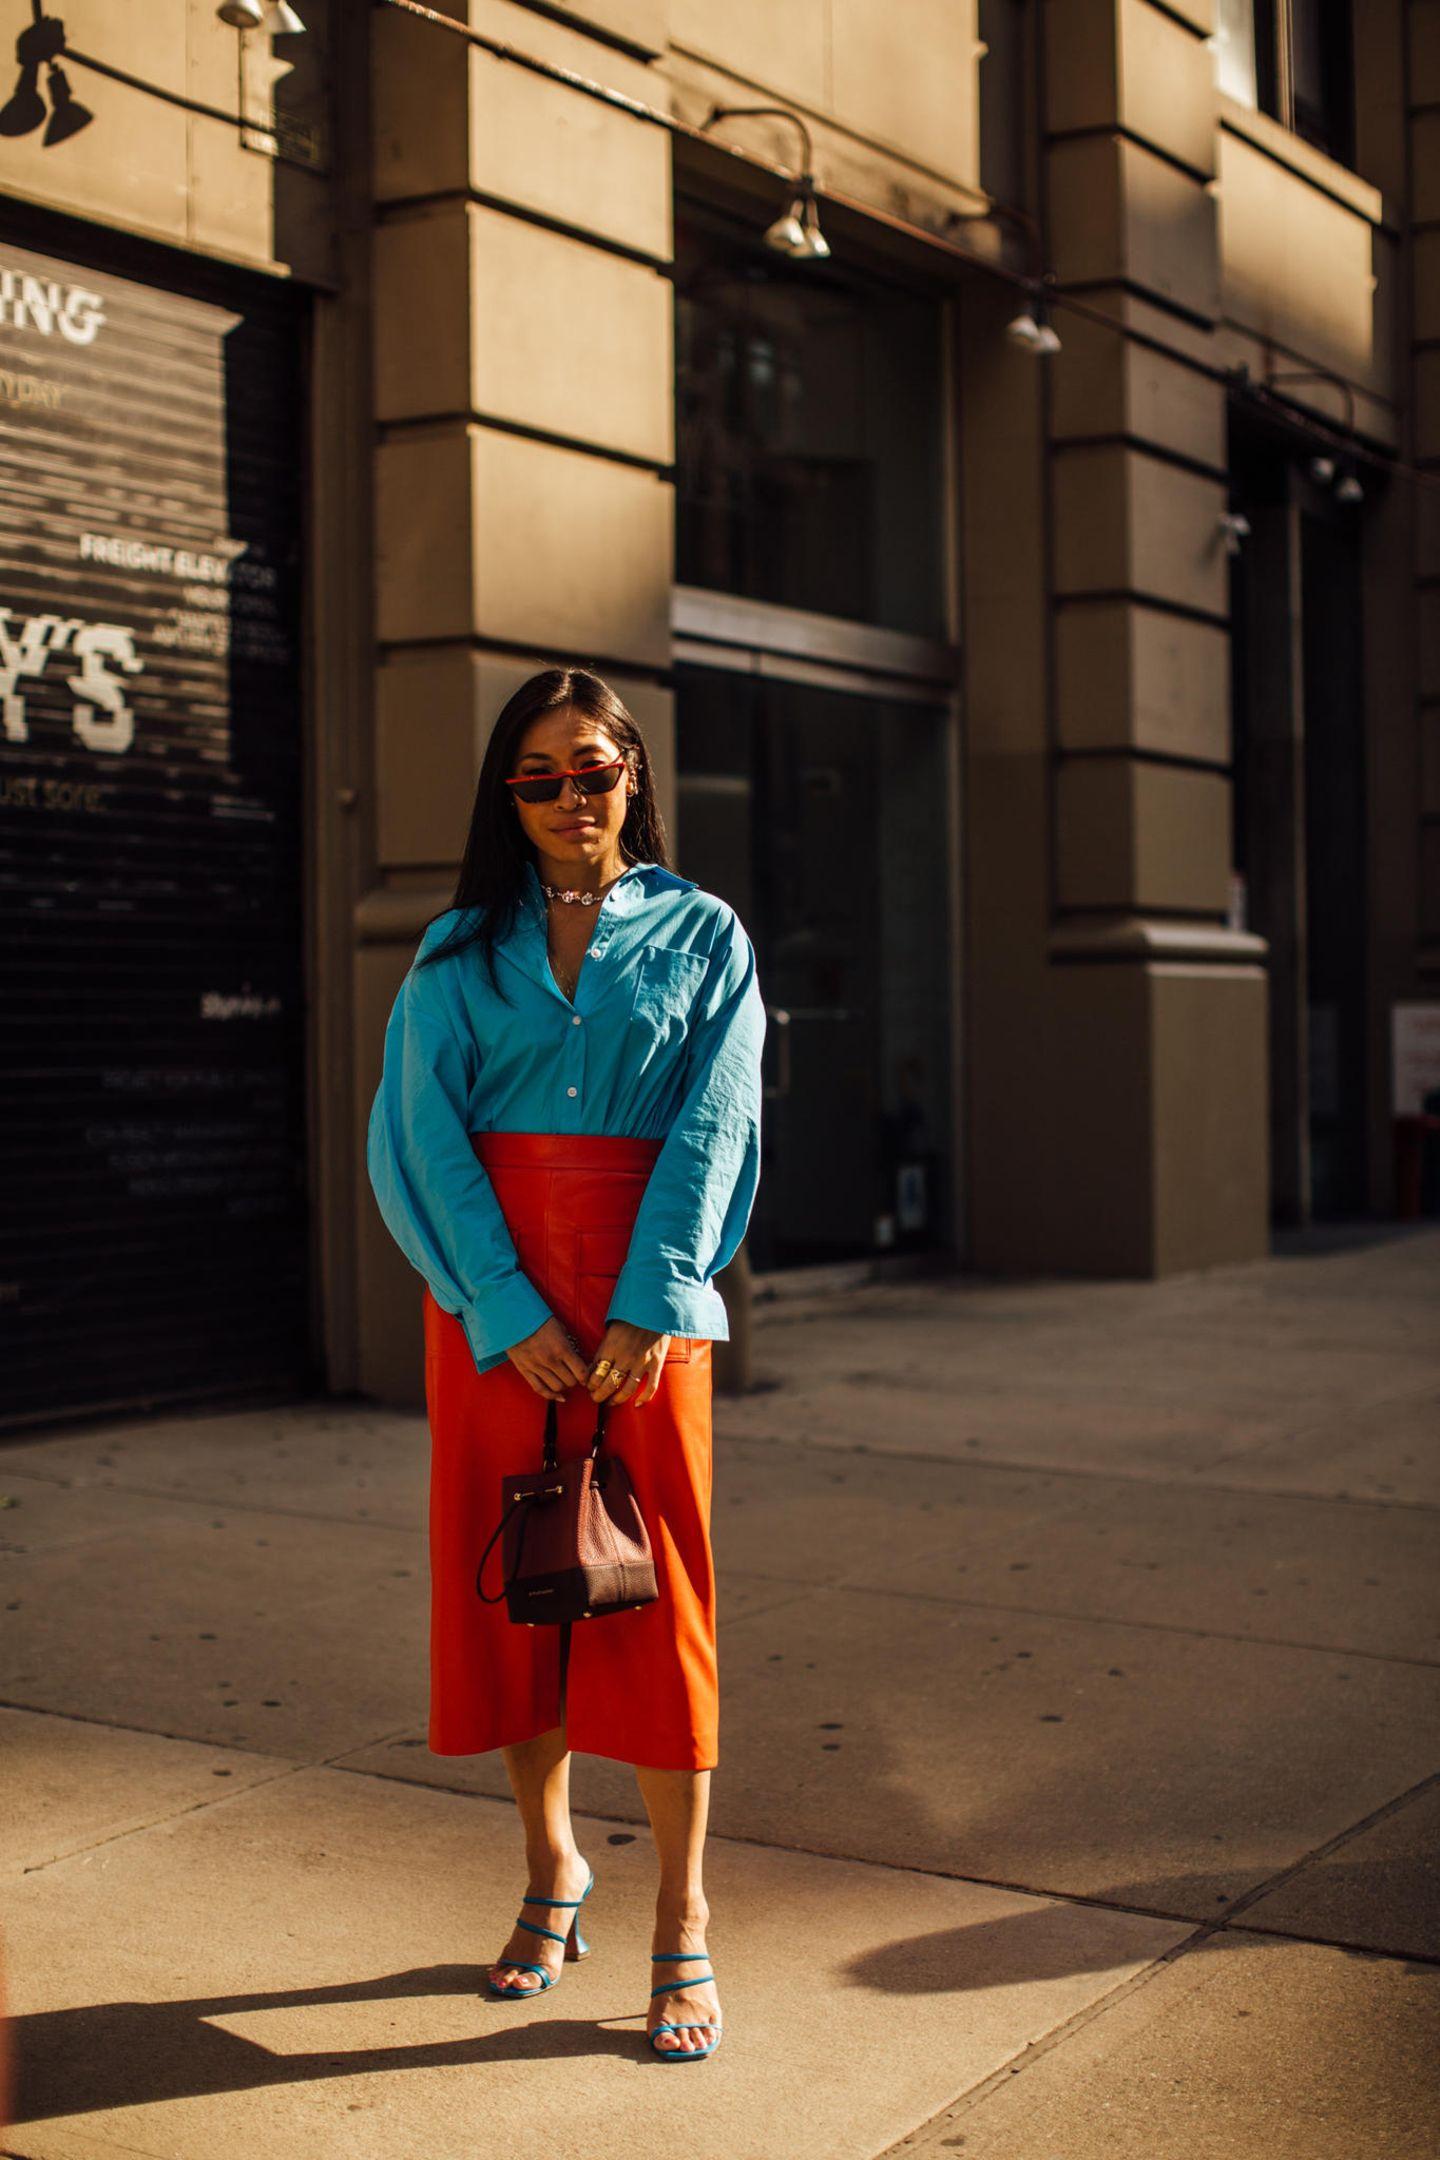 Auf den Straßen New Yorks war Color-Blocking mal wieder ein großes Thema. Die erfrischende Kombi aus Türkis und Orange macht direkt gute Laune!